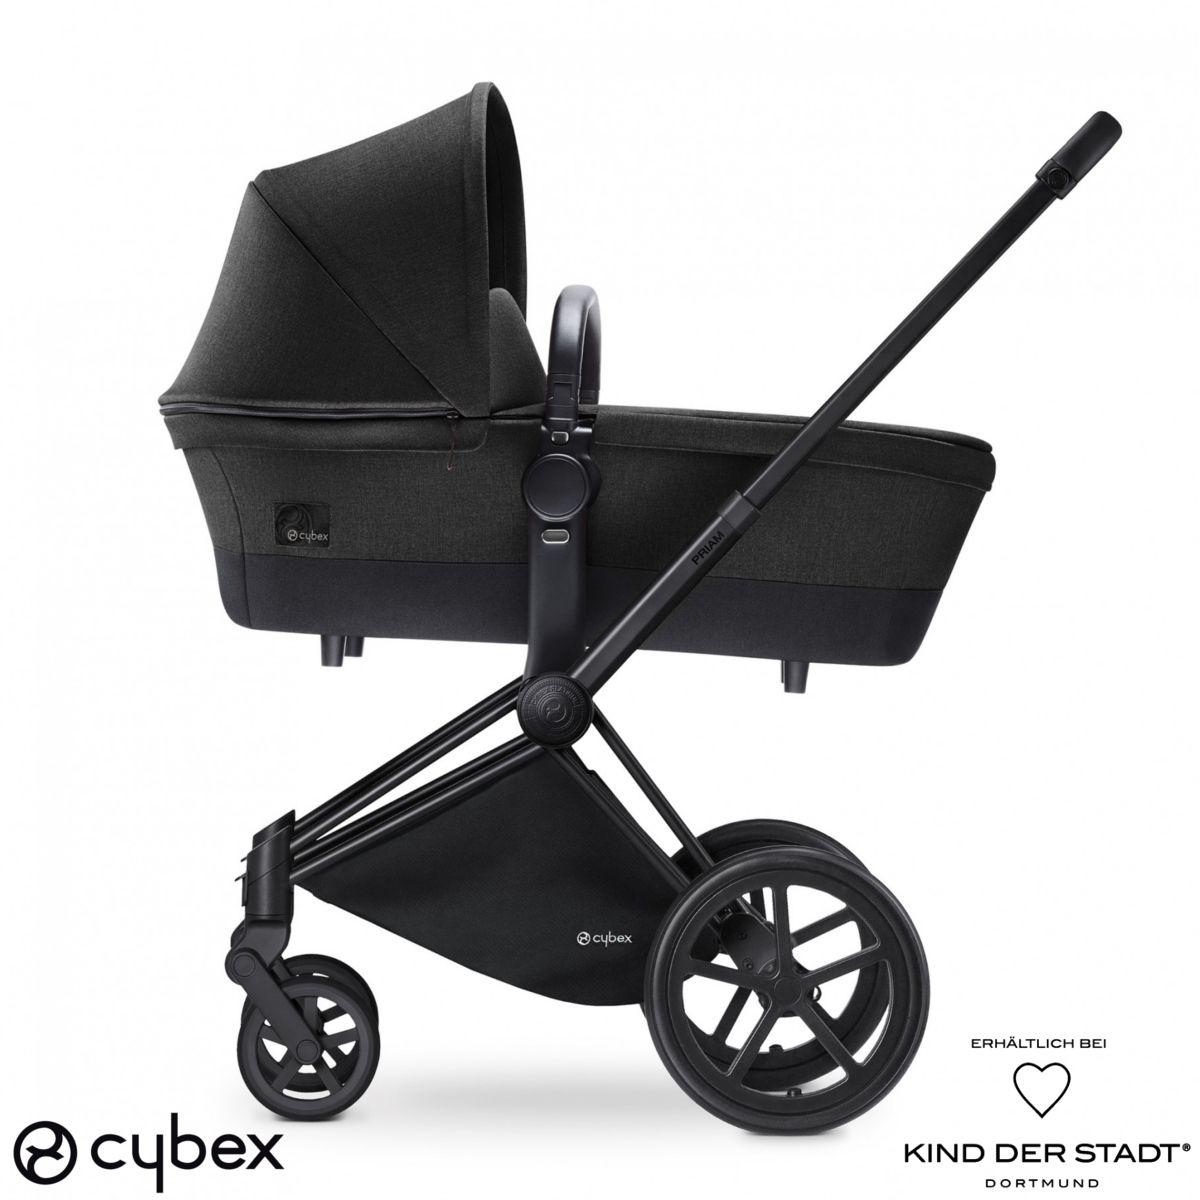 der cybex priam kinderwagen stammt aus der platinum reihe. Black Bedroom Furniture Sets. Home Design Ideas